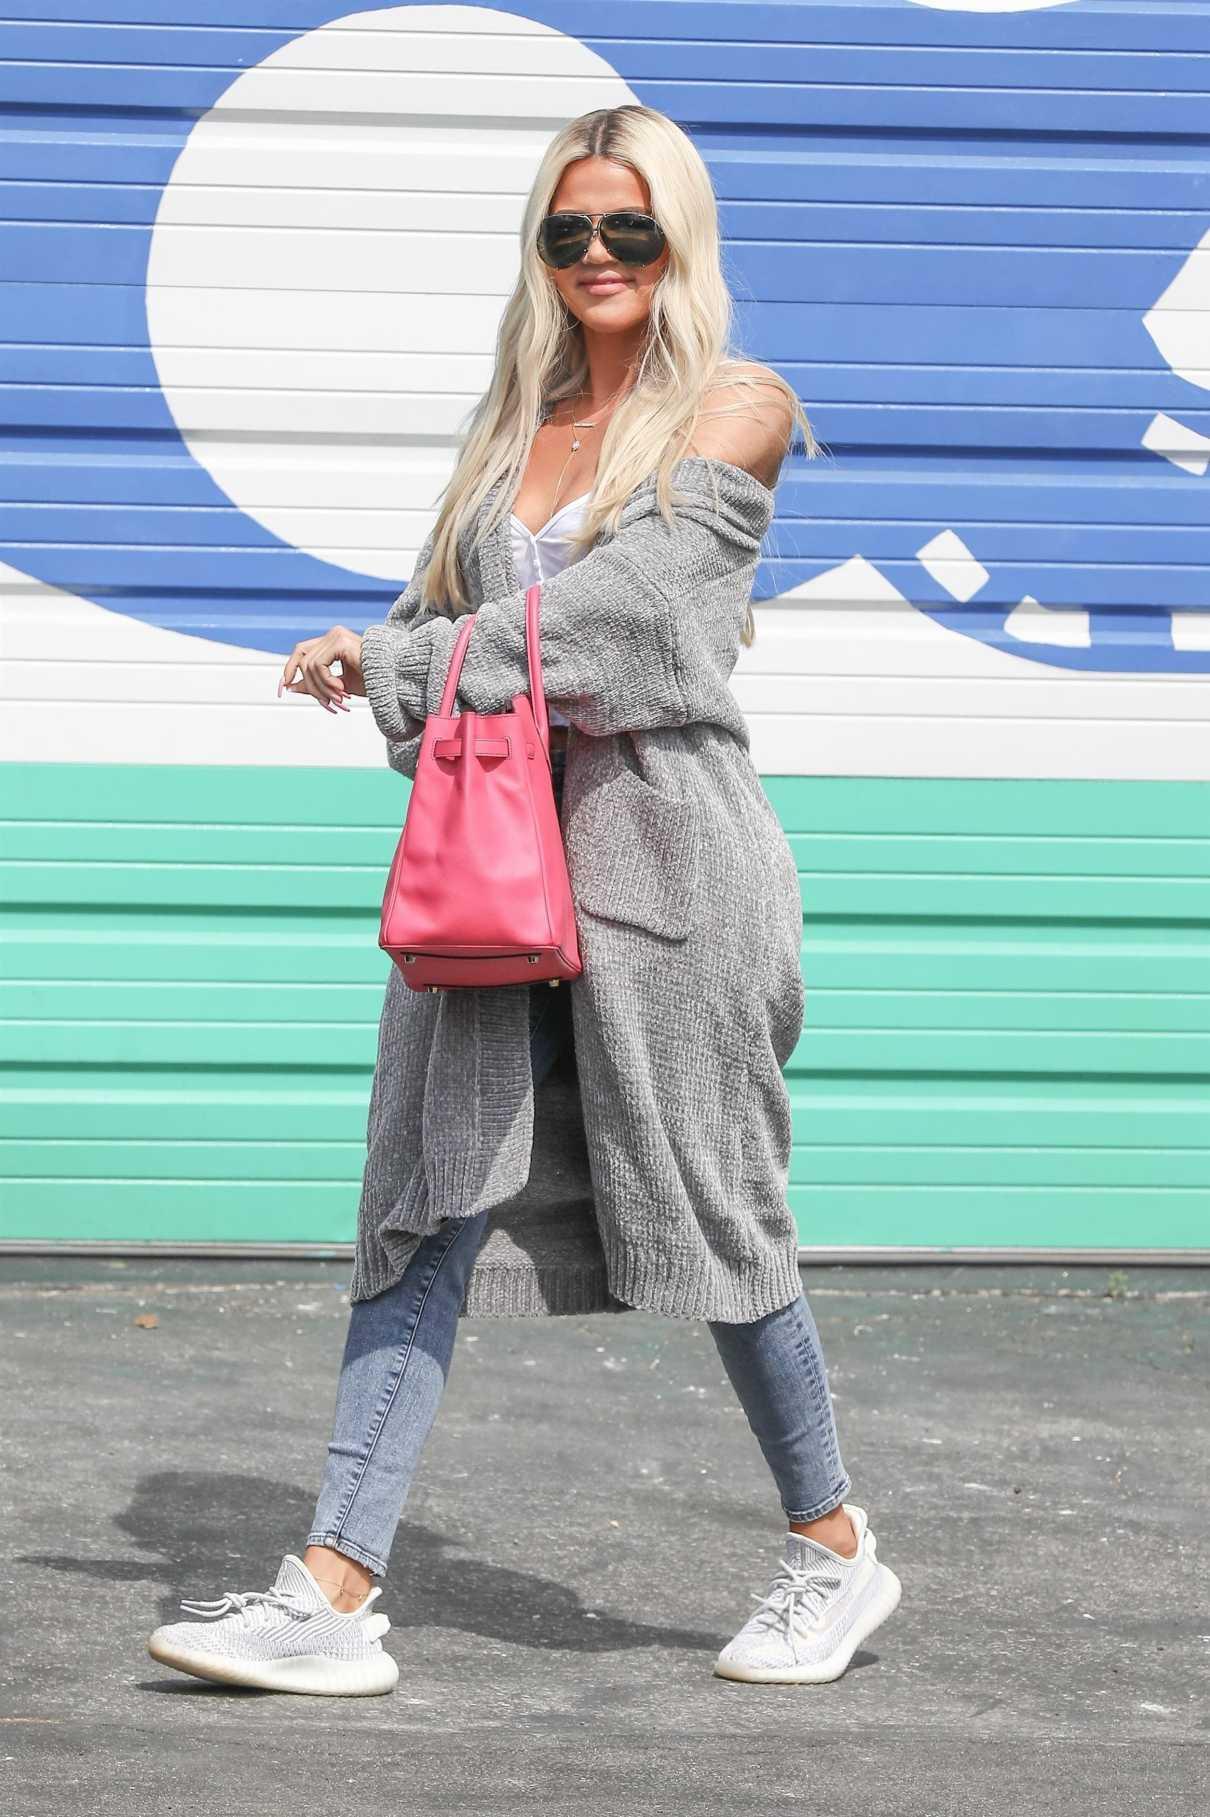 Khloe Kardashian in a Gray Cardigan